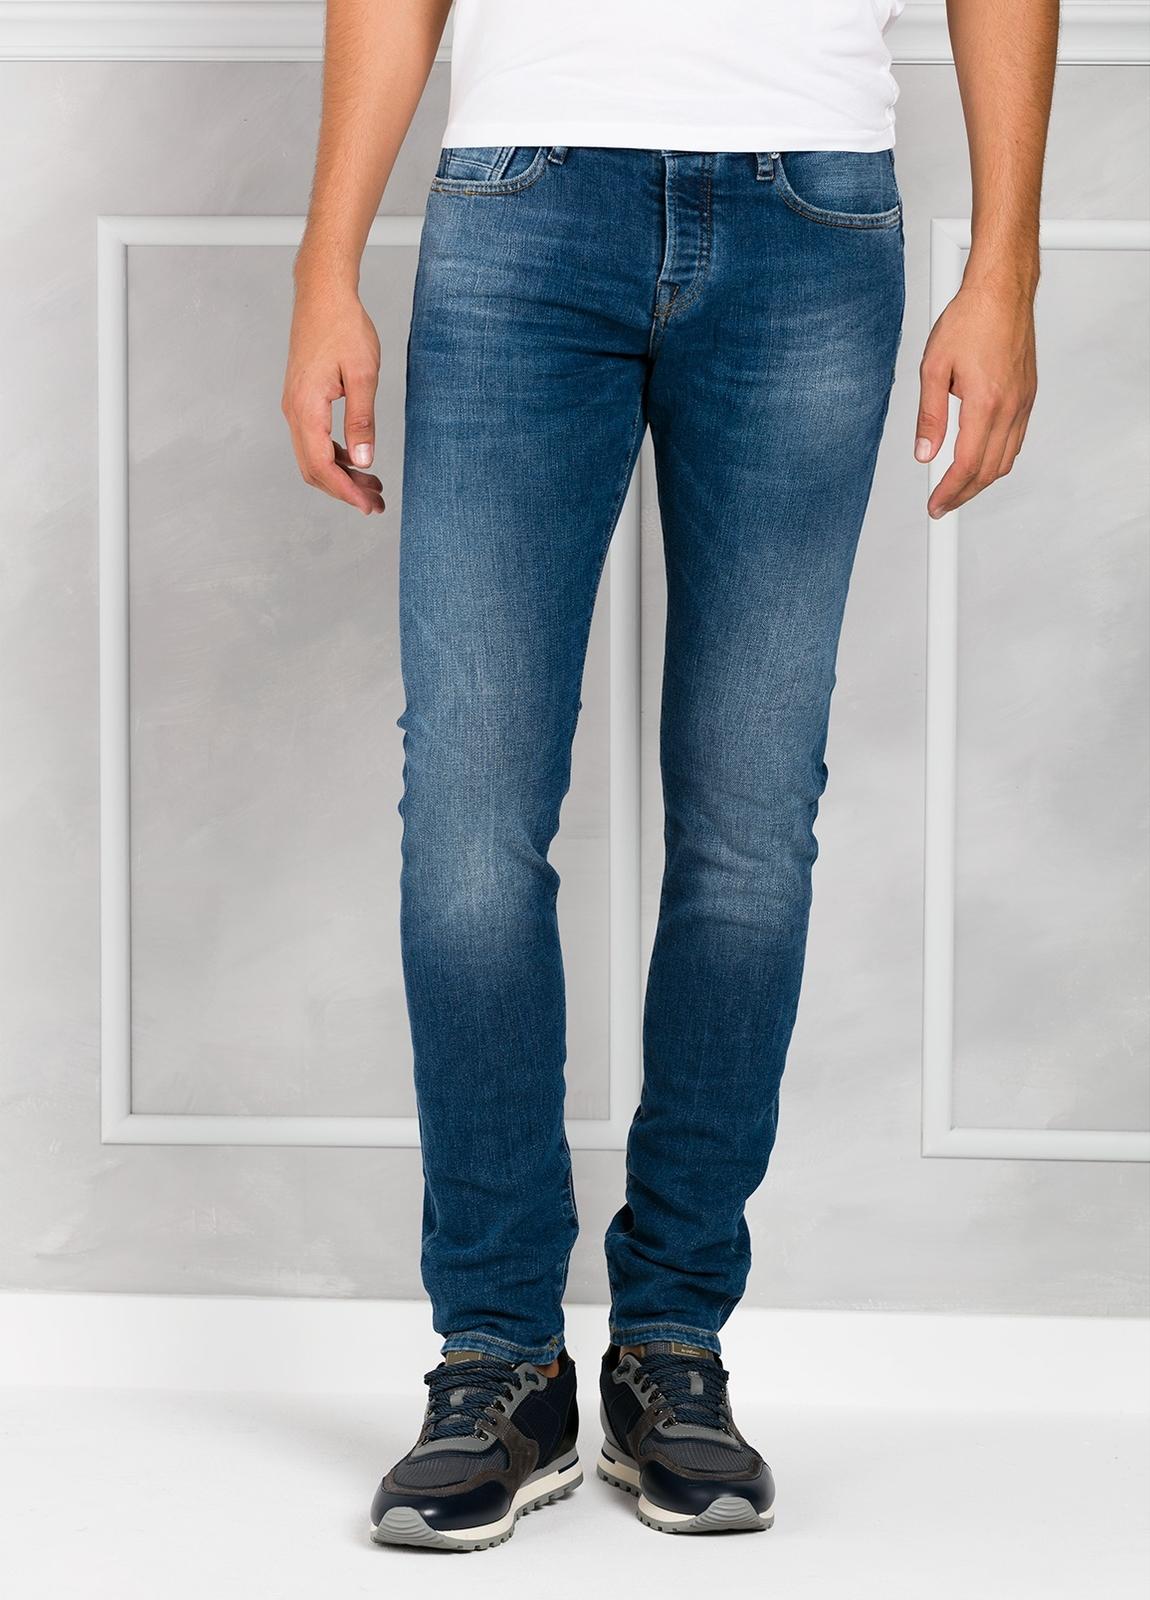 Pantalón tejano regular slim fit modelo RALSTON denim elástico color azul medio. 93% Algodón 7% Poliéster 1% Elastano.